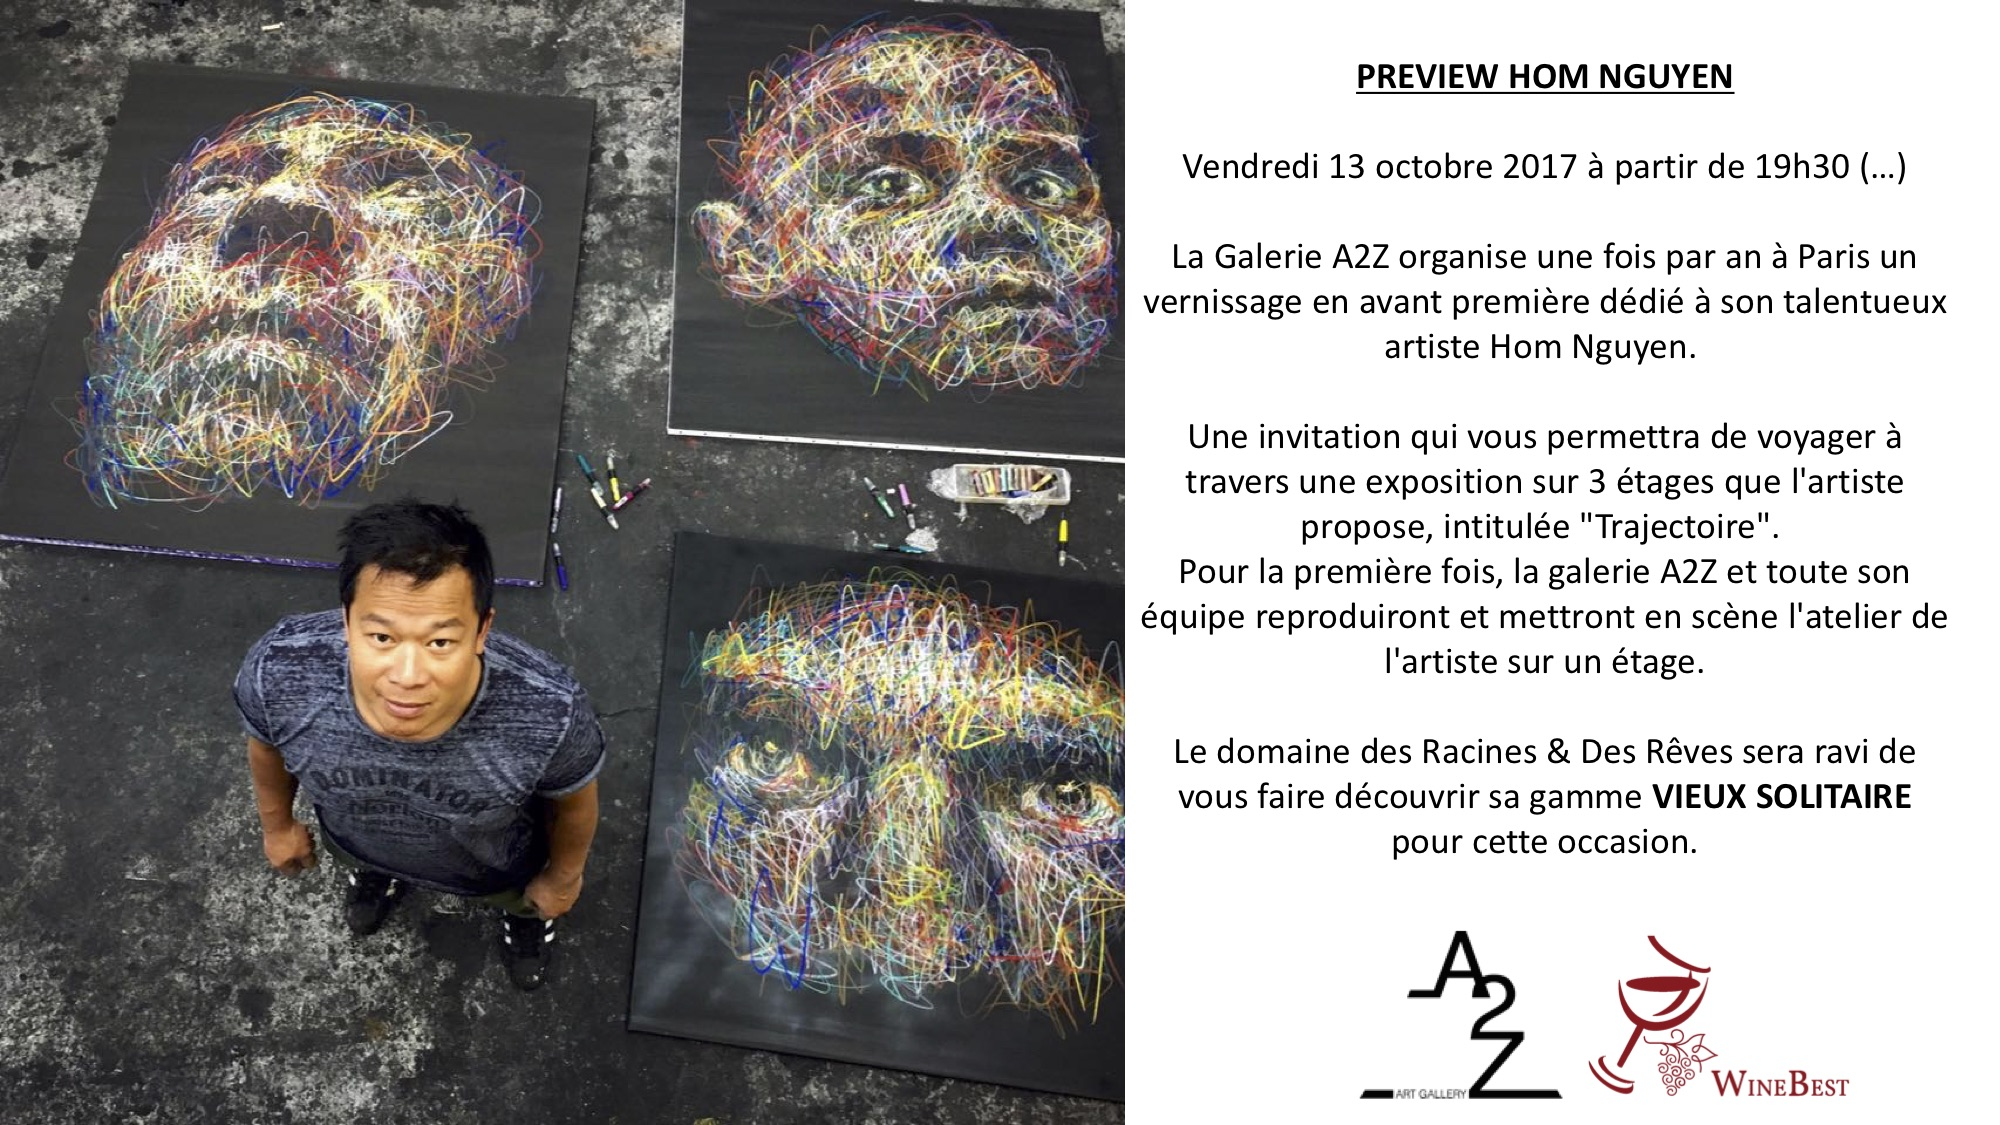 GALERIE D'ART A2Z, 75006 PARIS